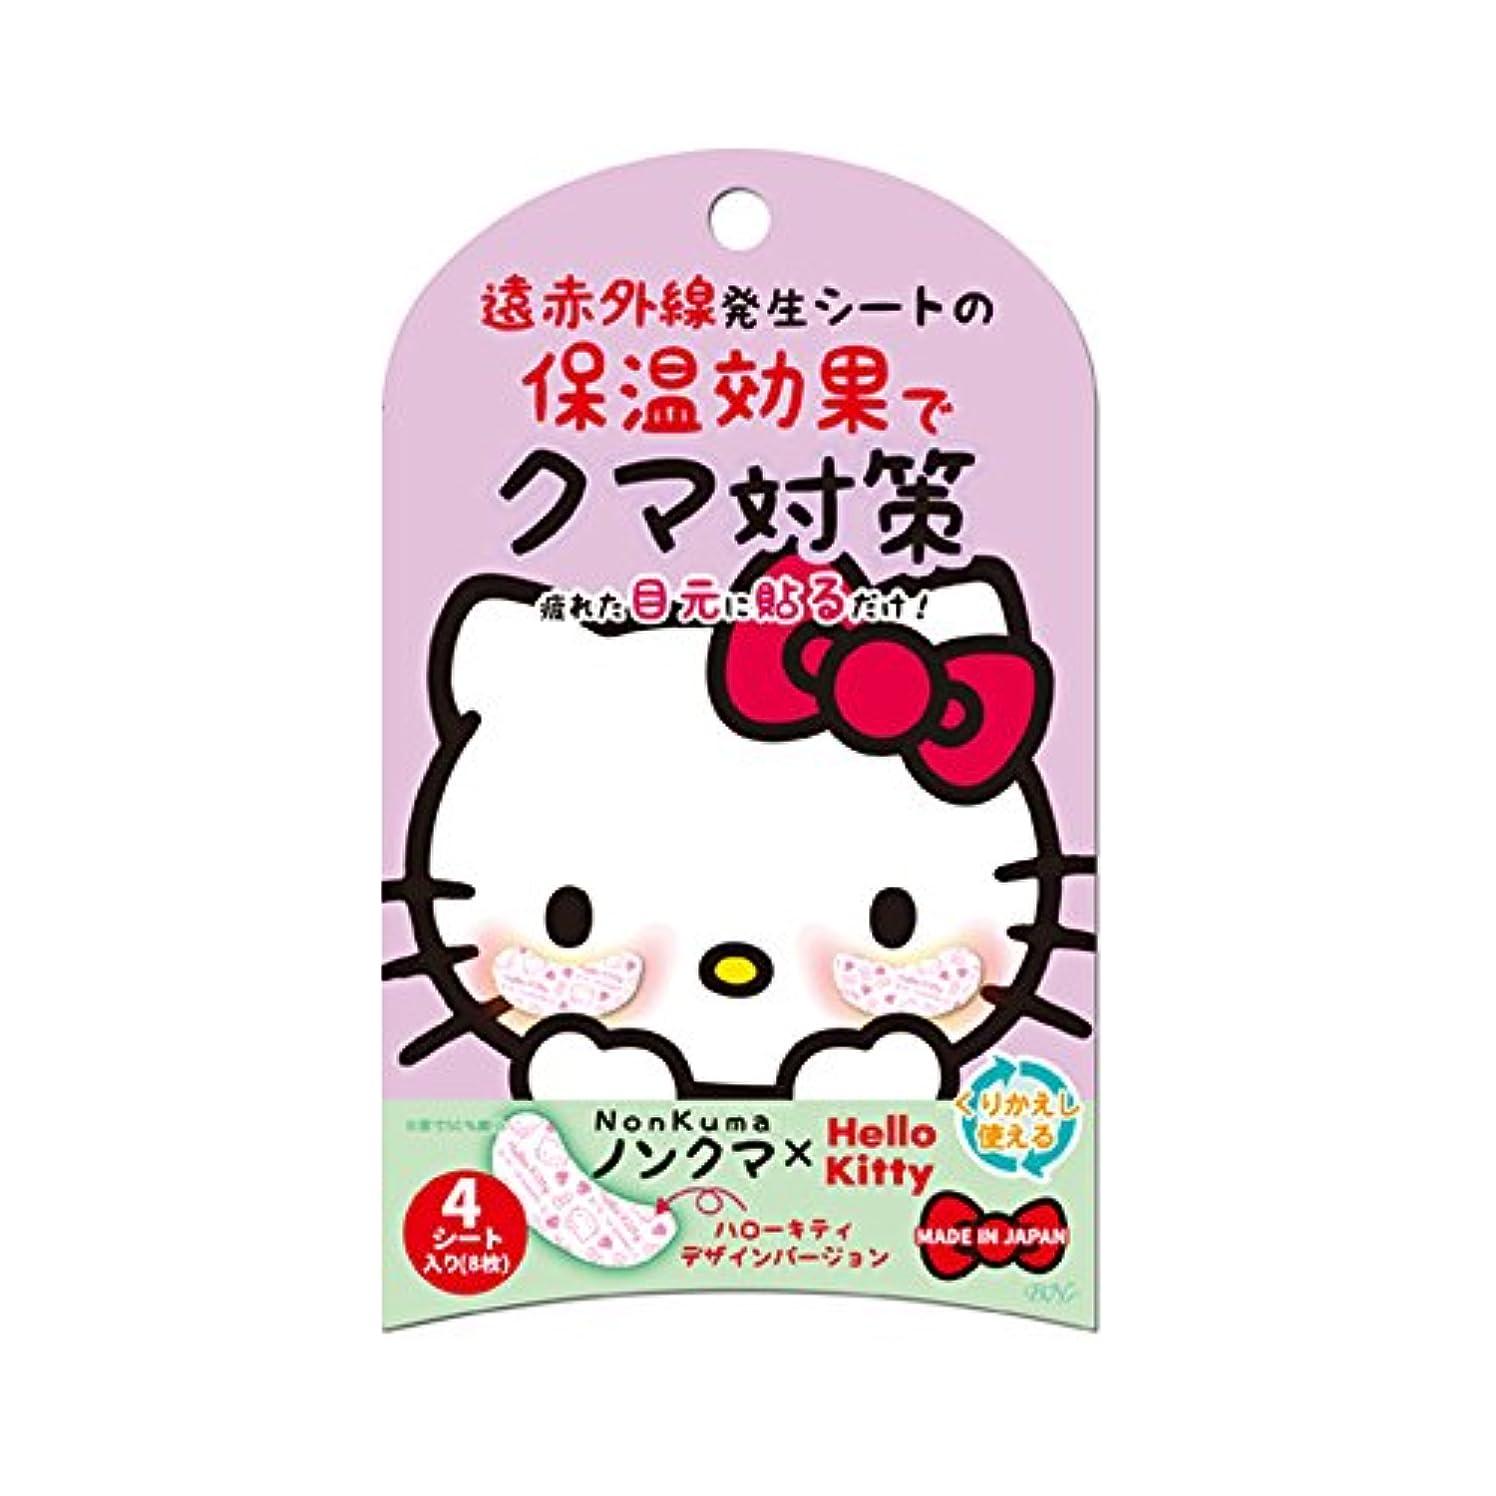 買い手千魂BN ノンクマ×ハローキティ NKHK-01 4シート(8枚入り)